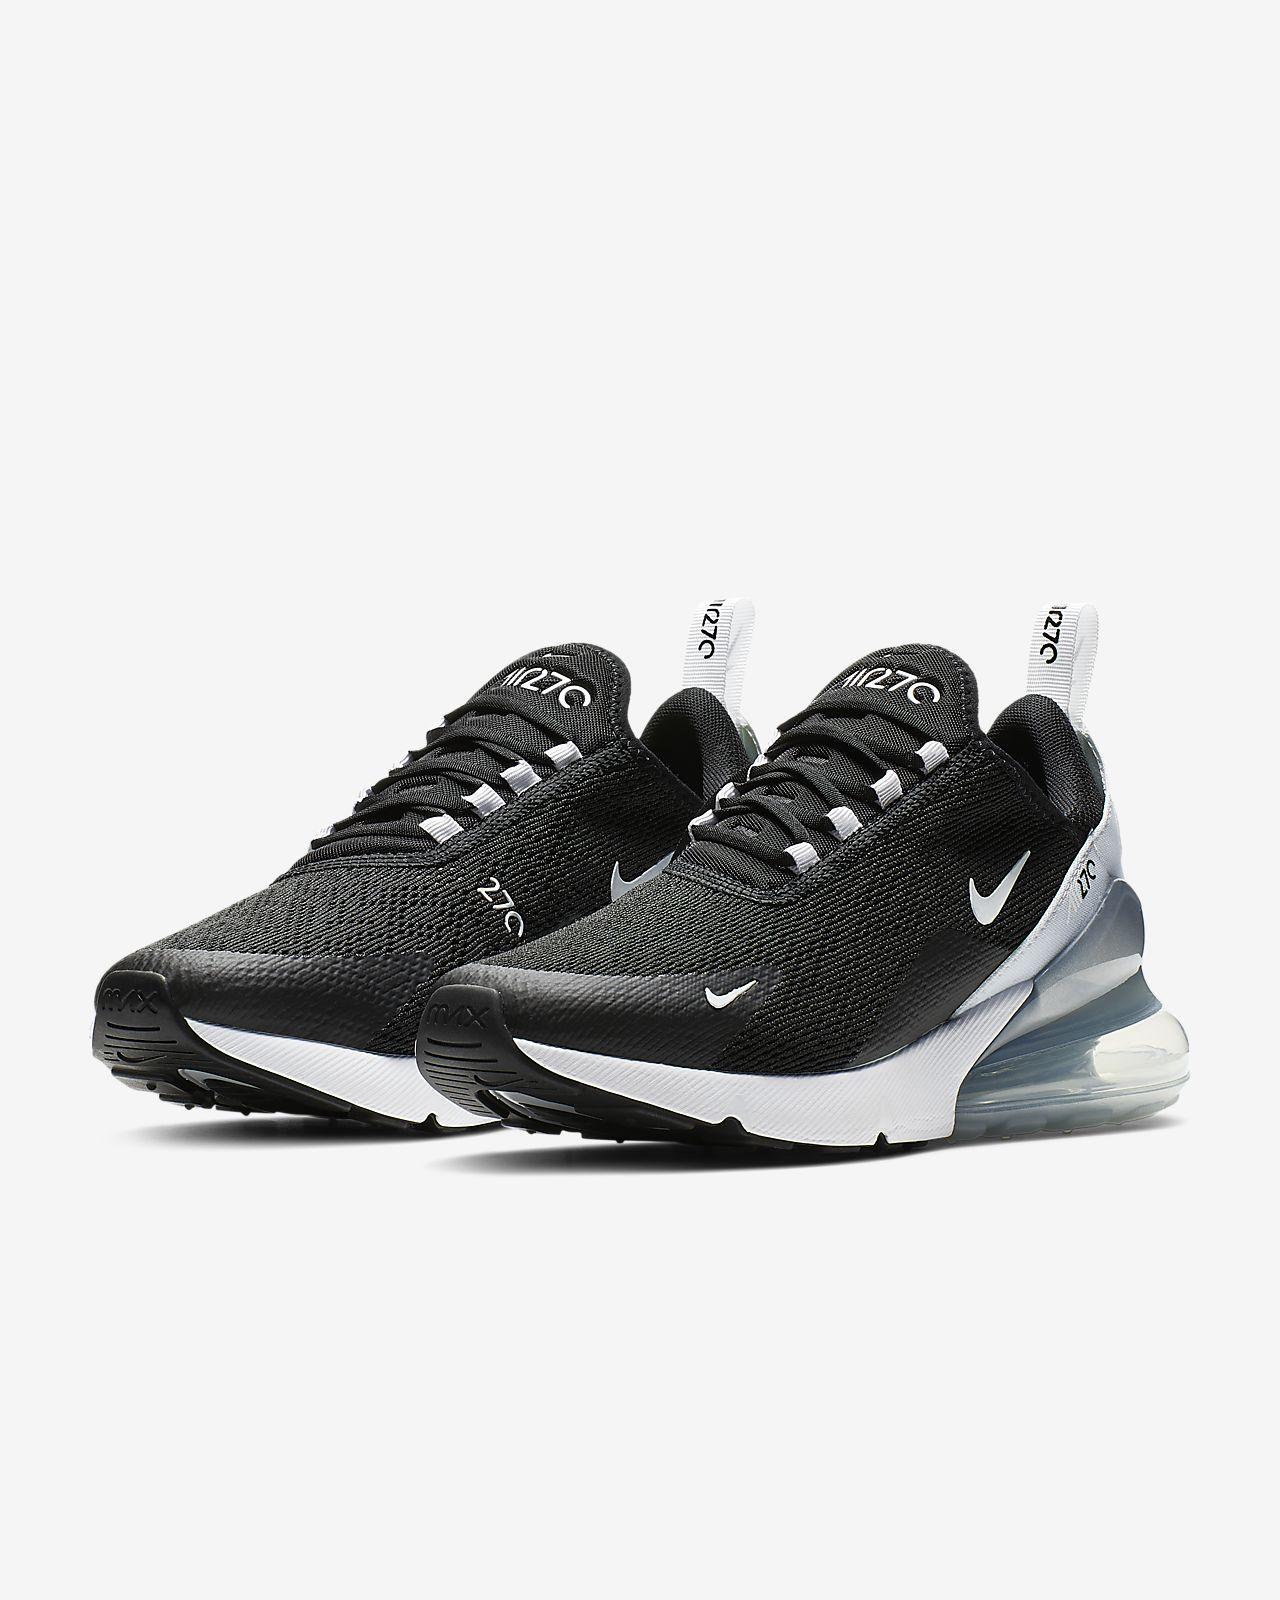 buy online 1676c 5c469 270 Pour Nike Max FemmeCa Air Chaussure trhQCsdx